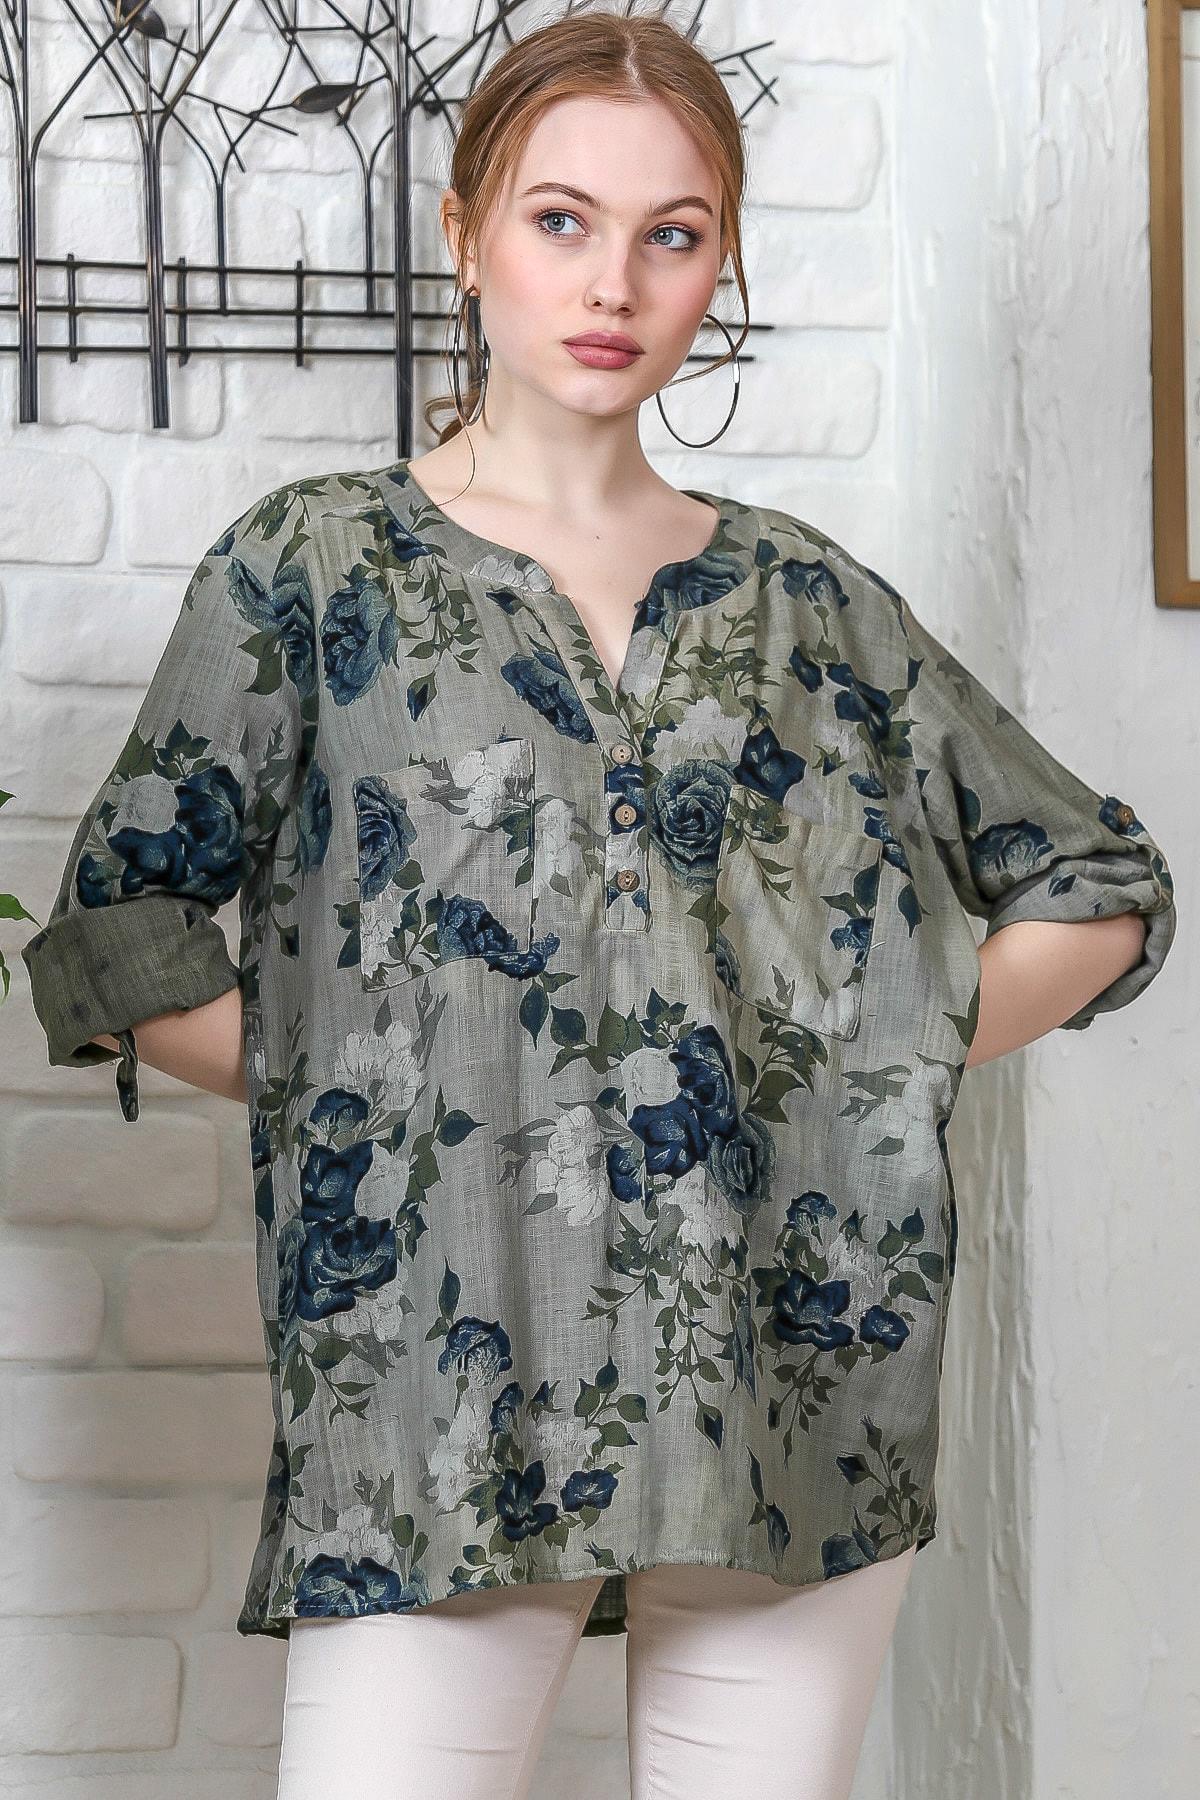 Chiccy Kadın Haki Sıfır Yaka Patı Düğme Detaylı Çiçek Desenli Salaş Gömlek M10010200BL95486 1